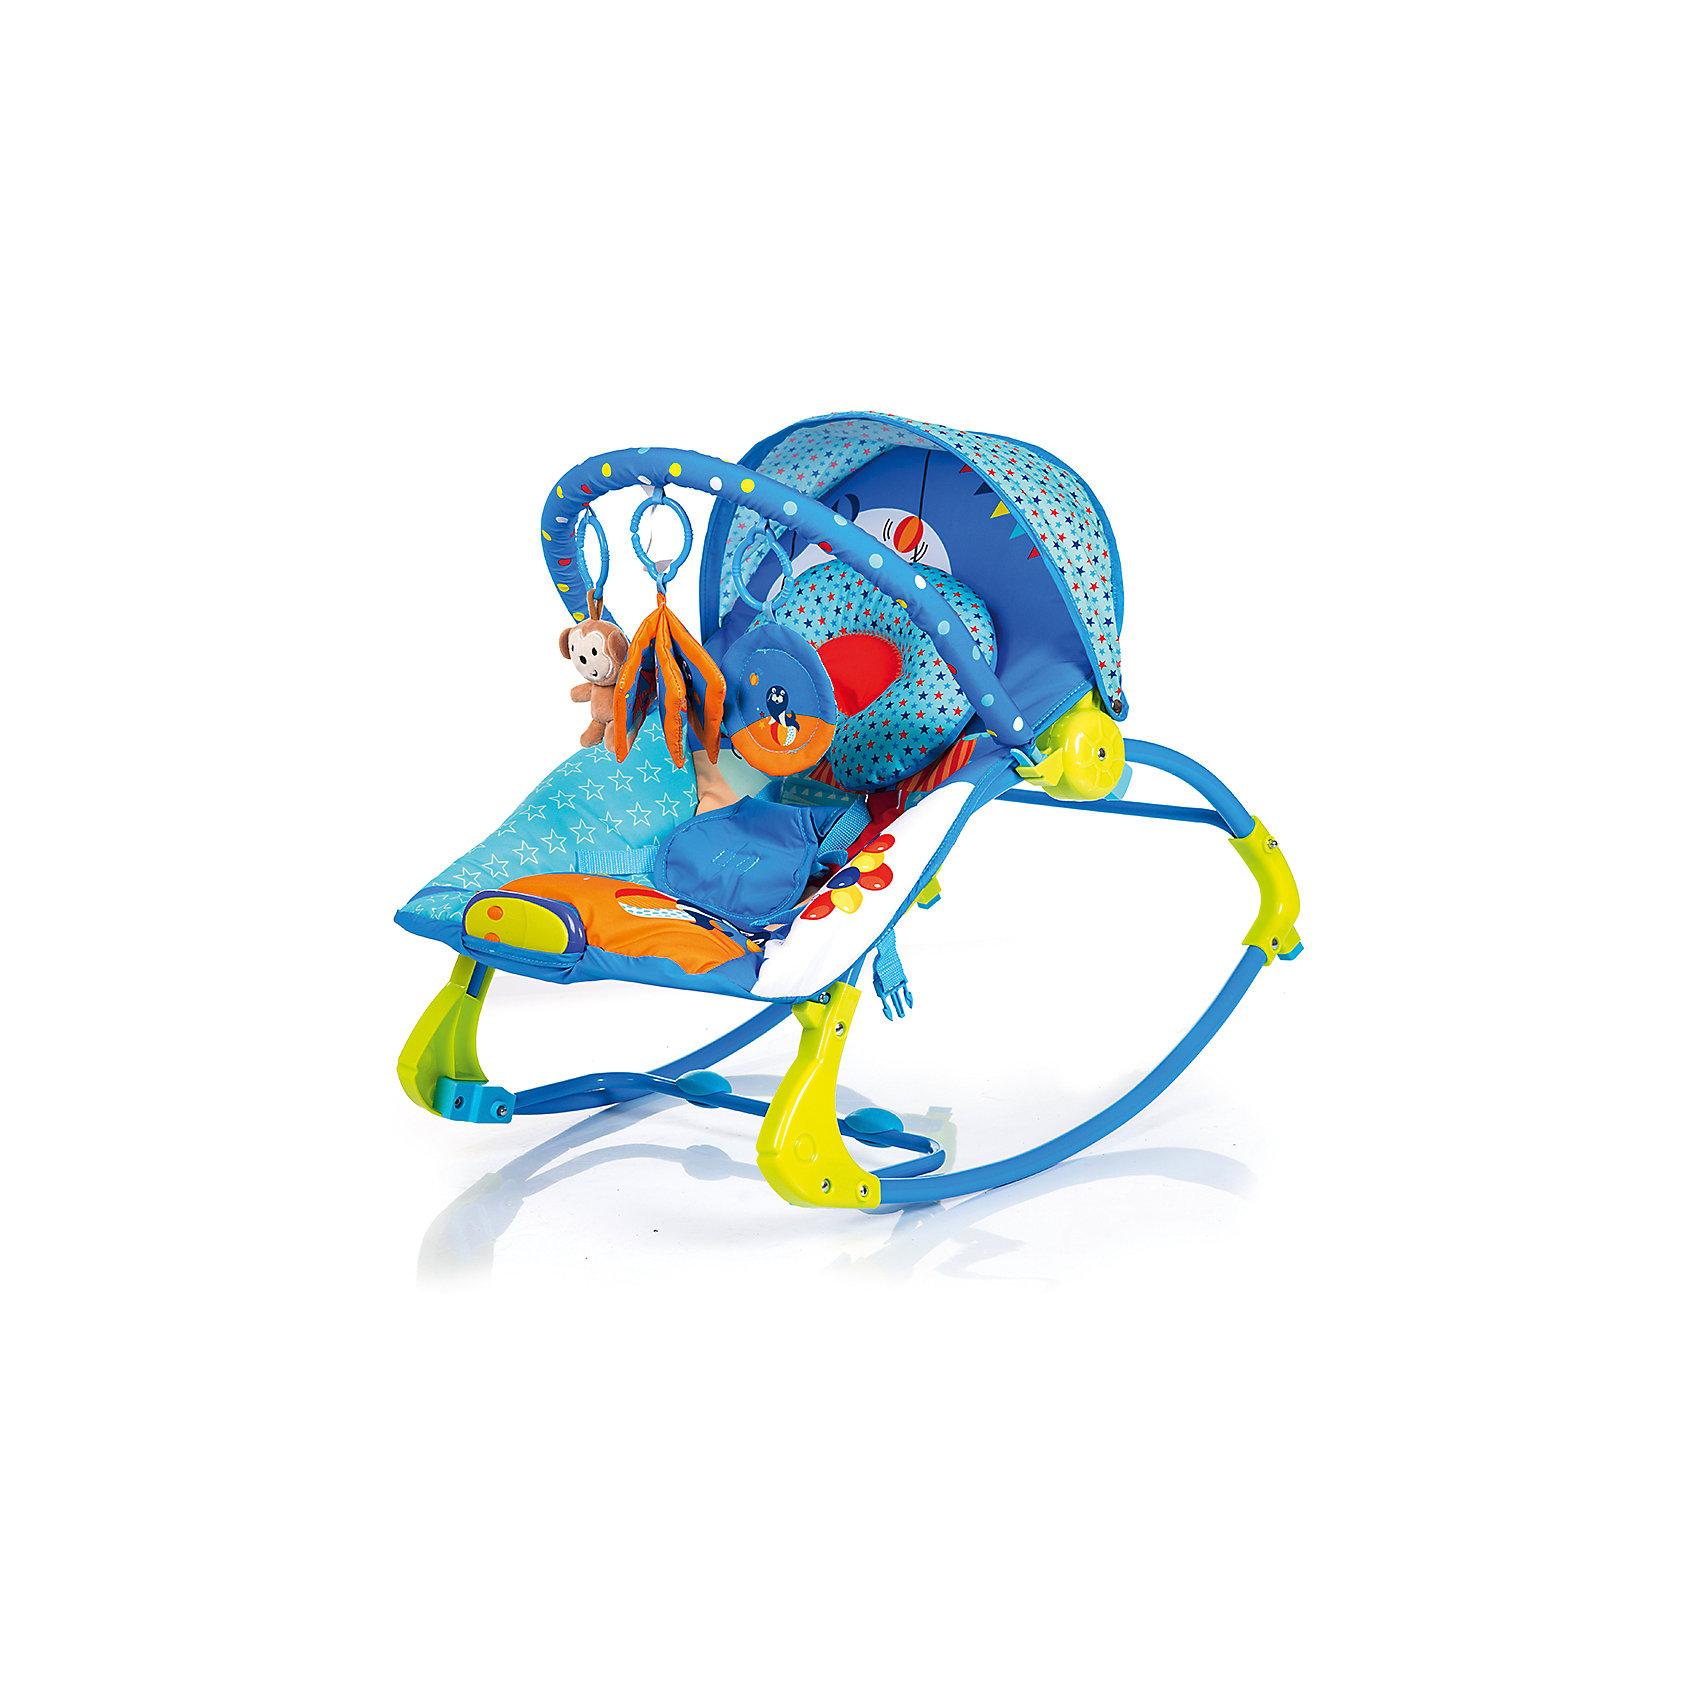 Шезлонг RK-01, Babyhit, ЦиркШезлонги<br>Характеристики:<br><br>• шезлонг оснащен полользями для качания;<br>• шезлонг трансформируется в кресло-качалку;<br>• наклон спинки регулируется, 3 положения: полусидя, полулежа и лежа;<br>• используется функция вибрации;<br>• ремни безопасности и мягкий паховый ограничитель;<br>• музыкальное сопровождение;<br>• съемный чехол, который можно стирать;<br>• дуга с подвесными игрушками;<br>• компактное складывание;<br>• допустимая нагрузка: с опущенной спинкой - 10 кг, с поднятой спинкой - 20 кг;<br>• размеры шезлонга: 51х78х59 см;<br>• размер упаковки: 50х9х36 см;<br>• вес: 3,39 кг.<br><br>Детский шезлонг используется не только как креслице-кокон для сна и отдыха ребенка. Благодаря полозьям шезлонг используется как кресло-качалка, когда дополнительной функцией является равномерное раскачивание ребенка креслице-коконе как в люльке. На основании опорной конструкции шезлонга-качалки имеются специальные накладки, которые препятствуют возникновению мелких царапин и потертостей на напольном покрытии. Защитный козырек, дуга с игрушками, подголовник анатомической формы – данные аксессуары обеспечивают дополнительный комфорт и функциональность шезлонга.<br><br>Шезлонг RK-01, Babyhit, Цирк можно купить в нашем интернет-магазине.<br><br>Ширина мм: 500<br>Глубина мм: 360<br>Высота мм: 90<br>Вес г: 3390<br>Возраст от месяцев: 6<br>Возраст до месяцев: 18<br>Пол: Унисекс<br>Возраст: Детский<br>SKU: 5500353